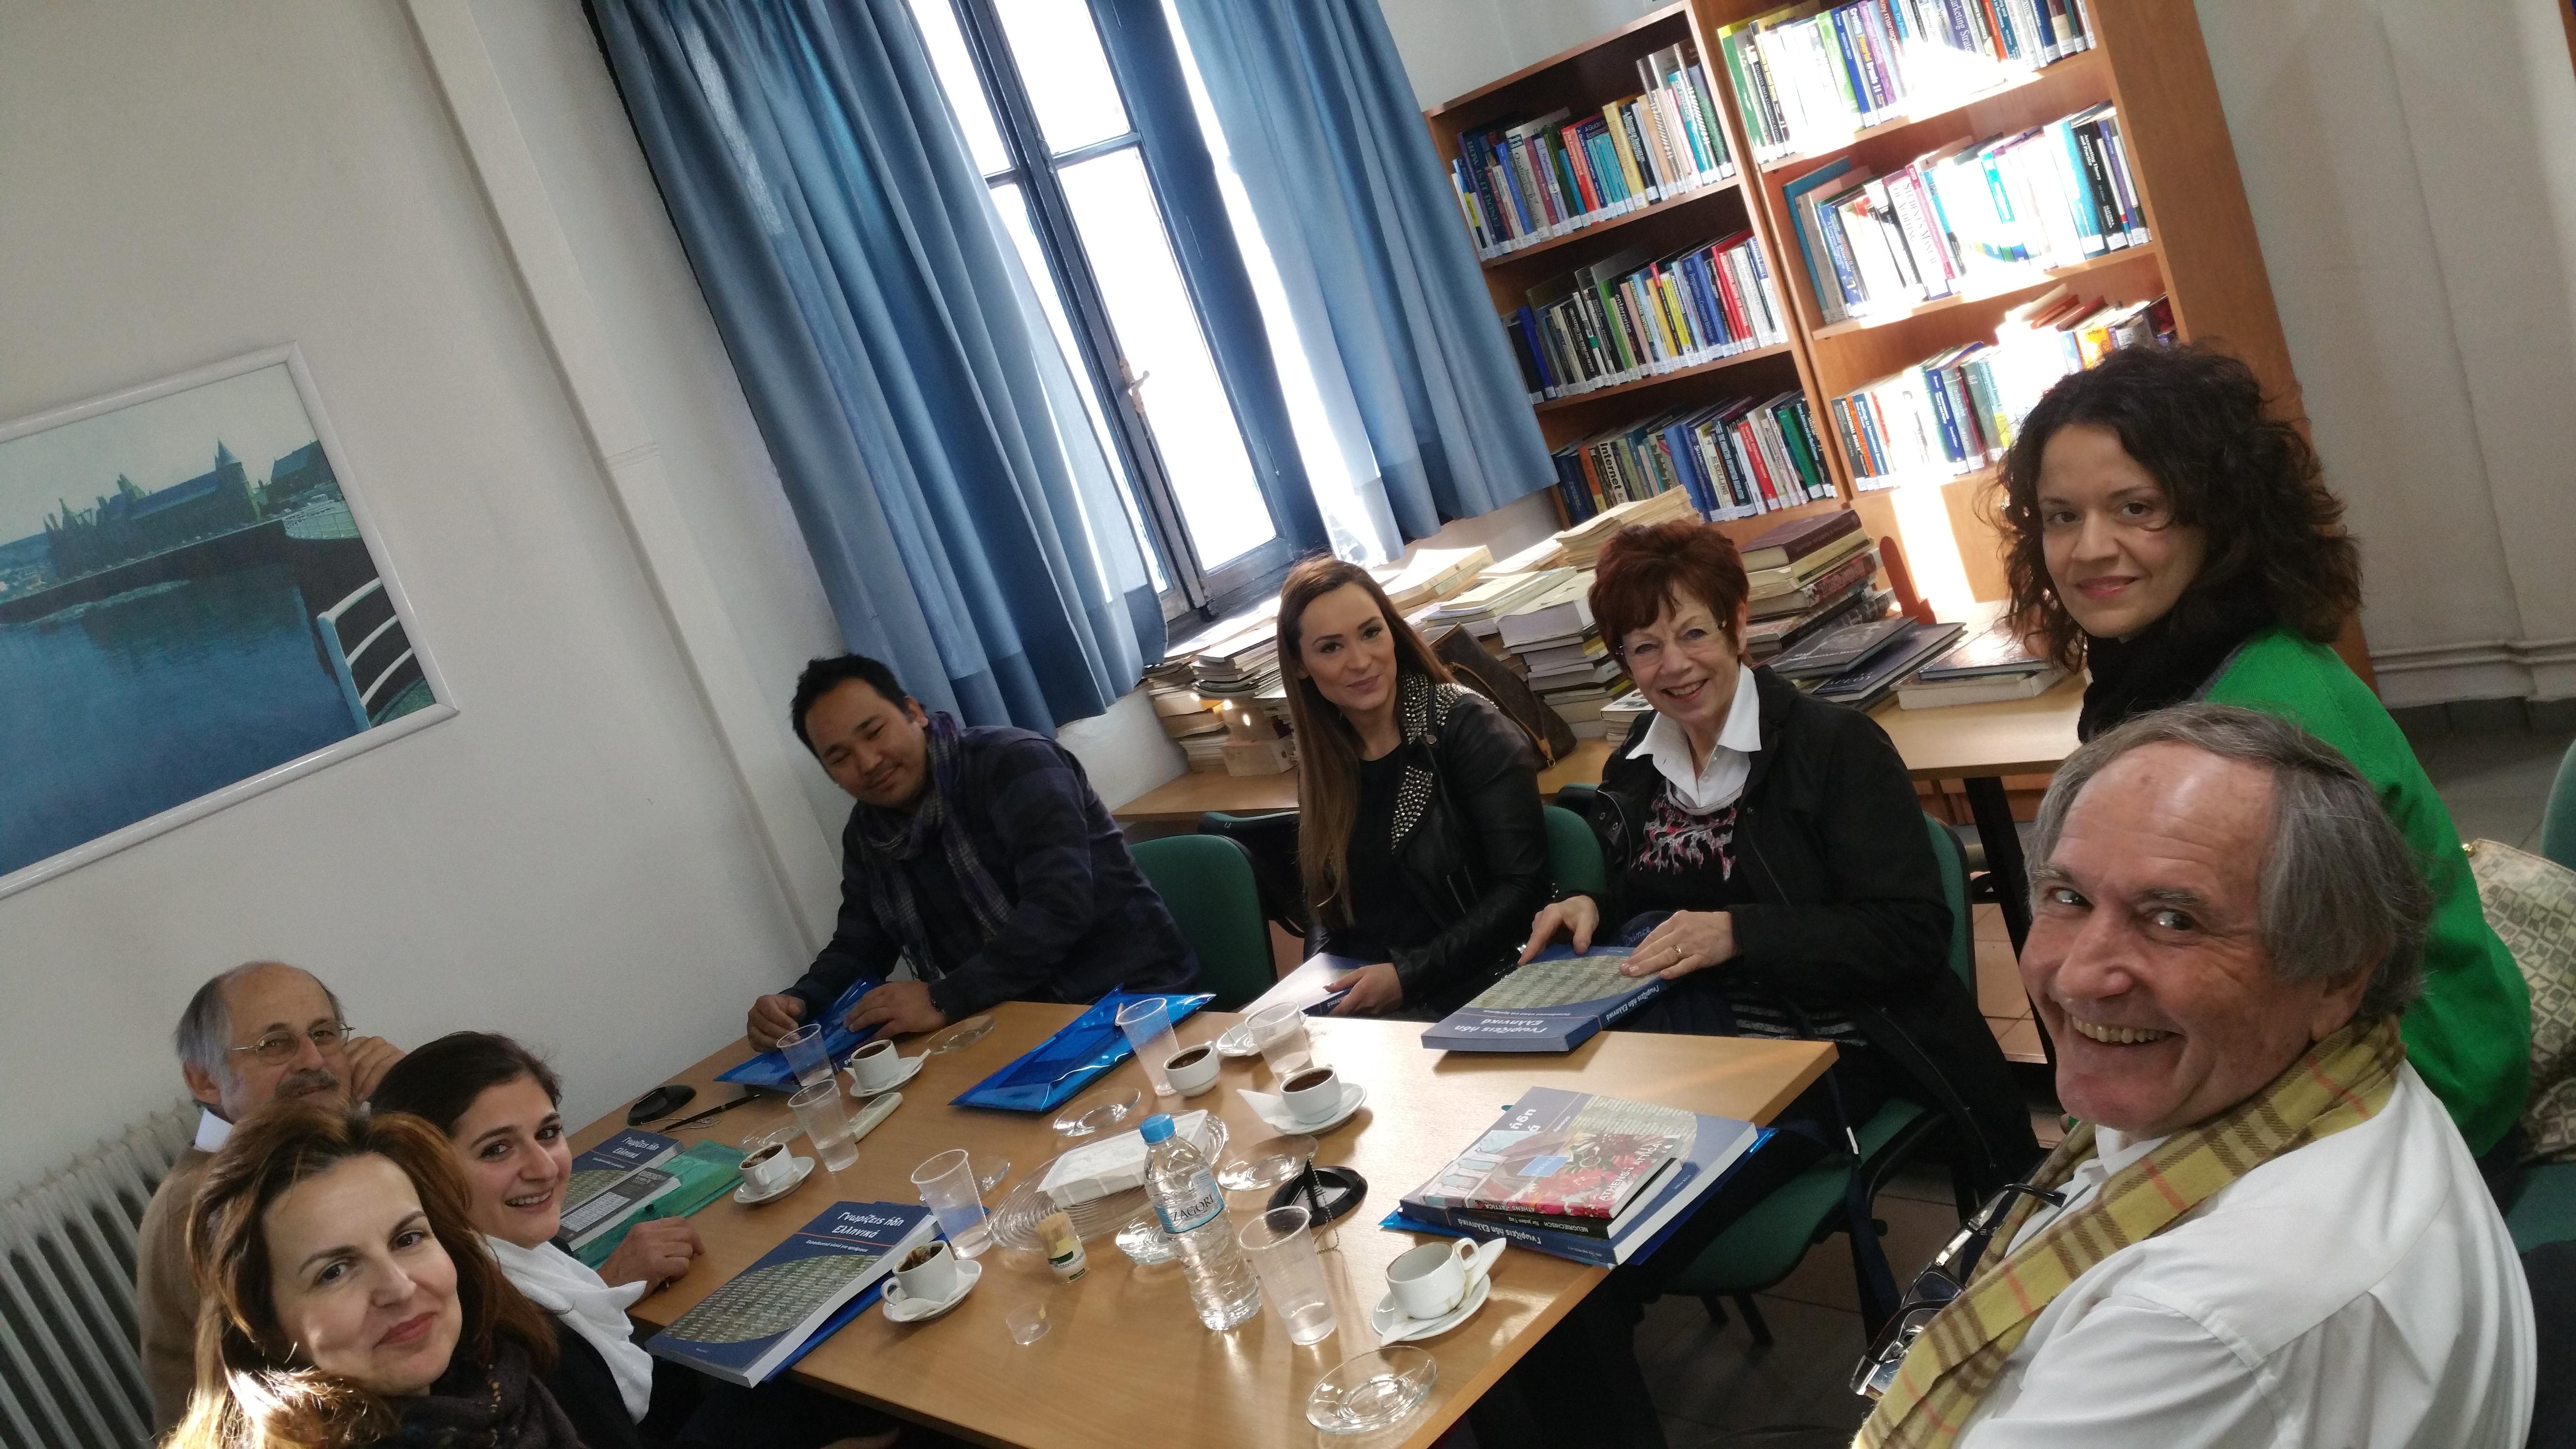 Παρουσίαση της ιστορίας της ελληνικής γλώσσας στους μαθητές μας